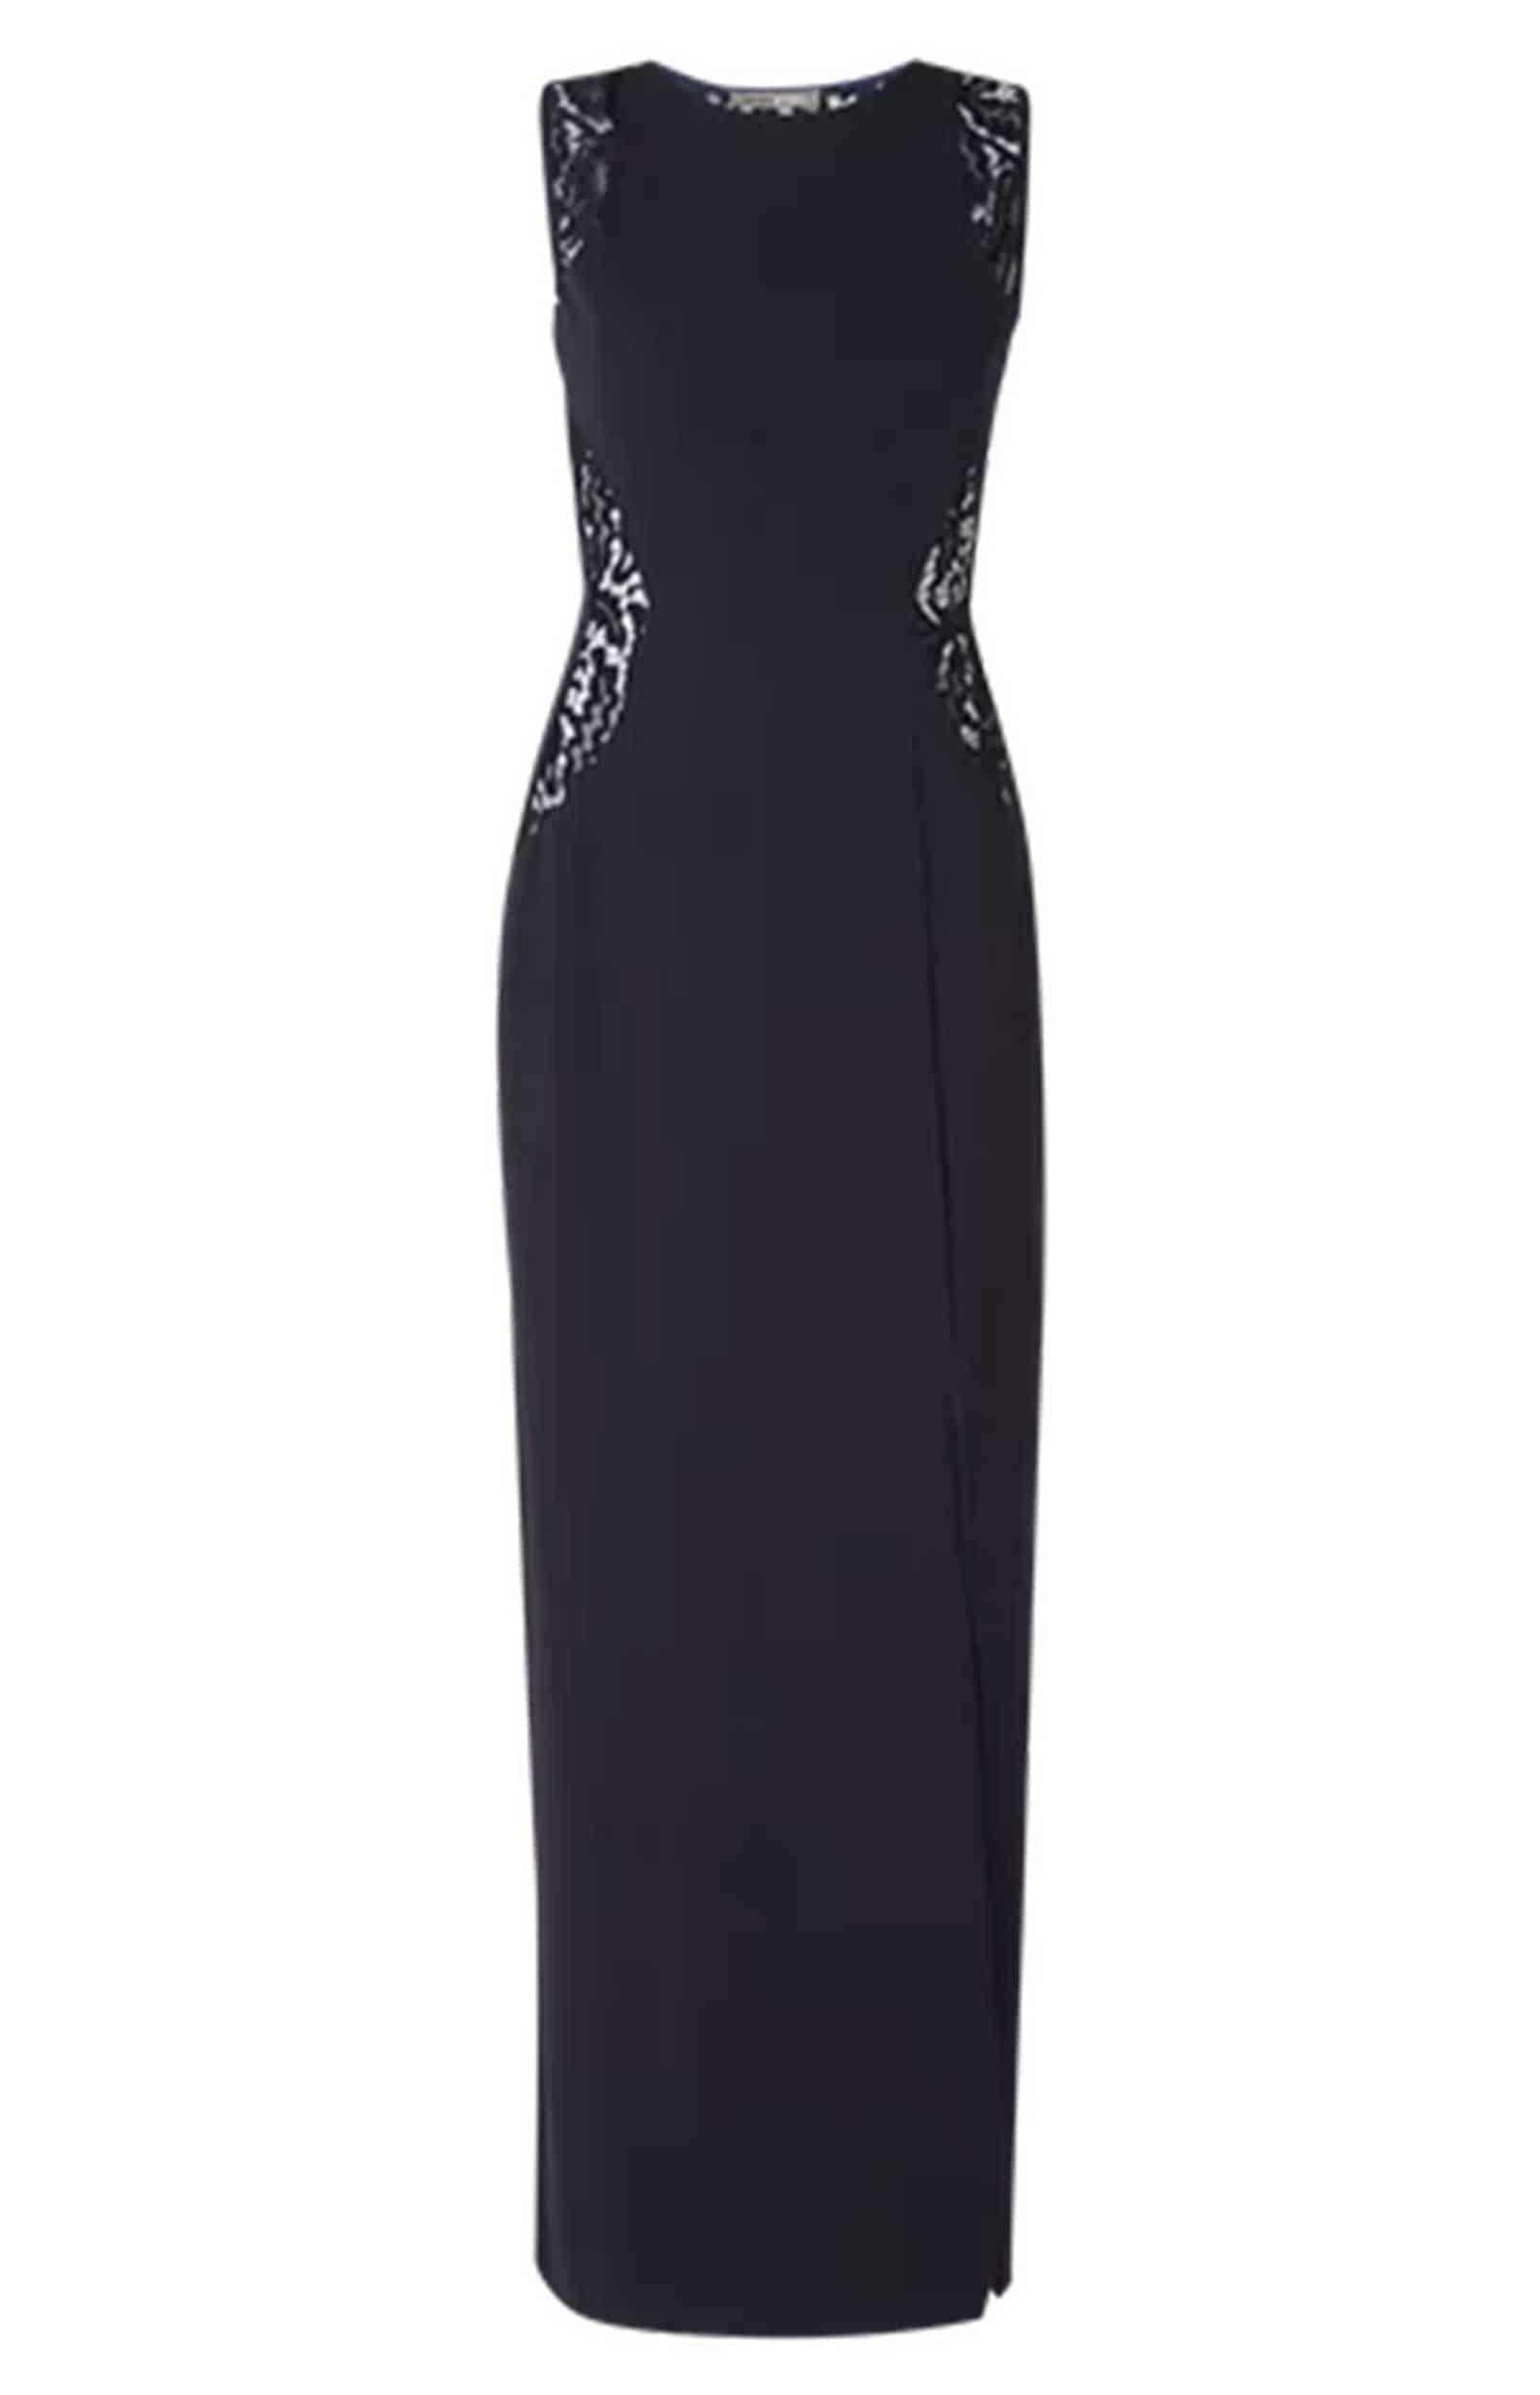 Iznajmljivanje haljina Nis - Marie blanc - Rent A Dress Nis